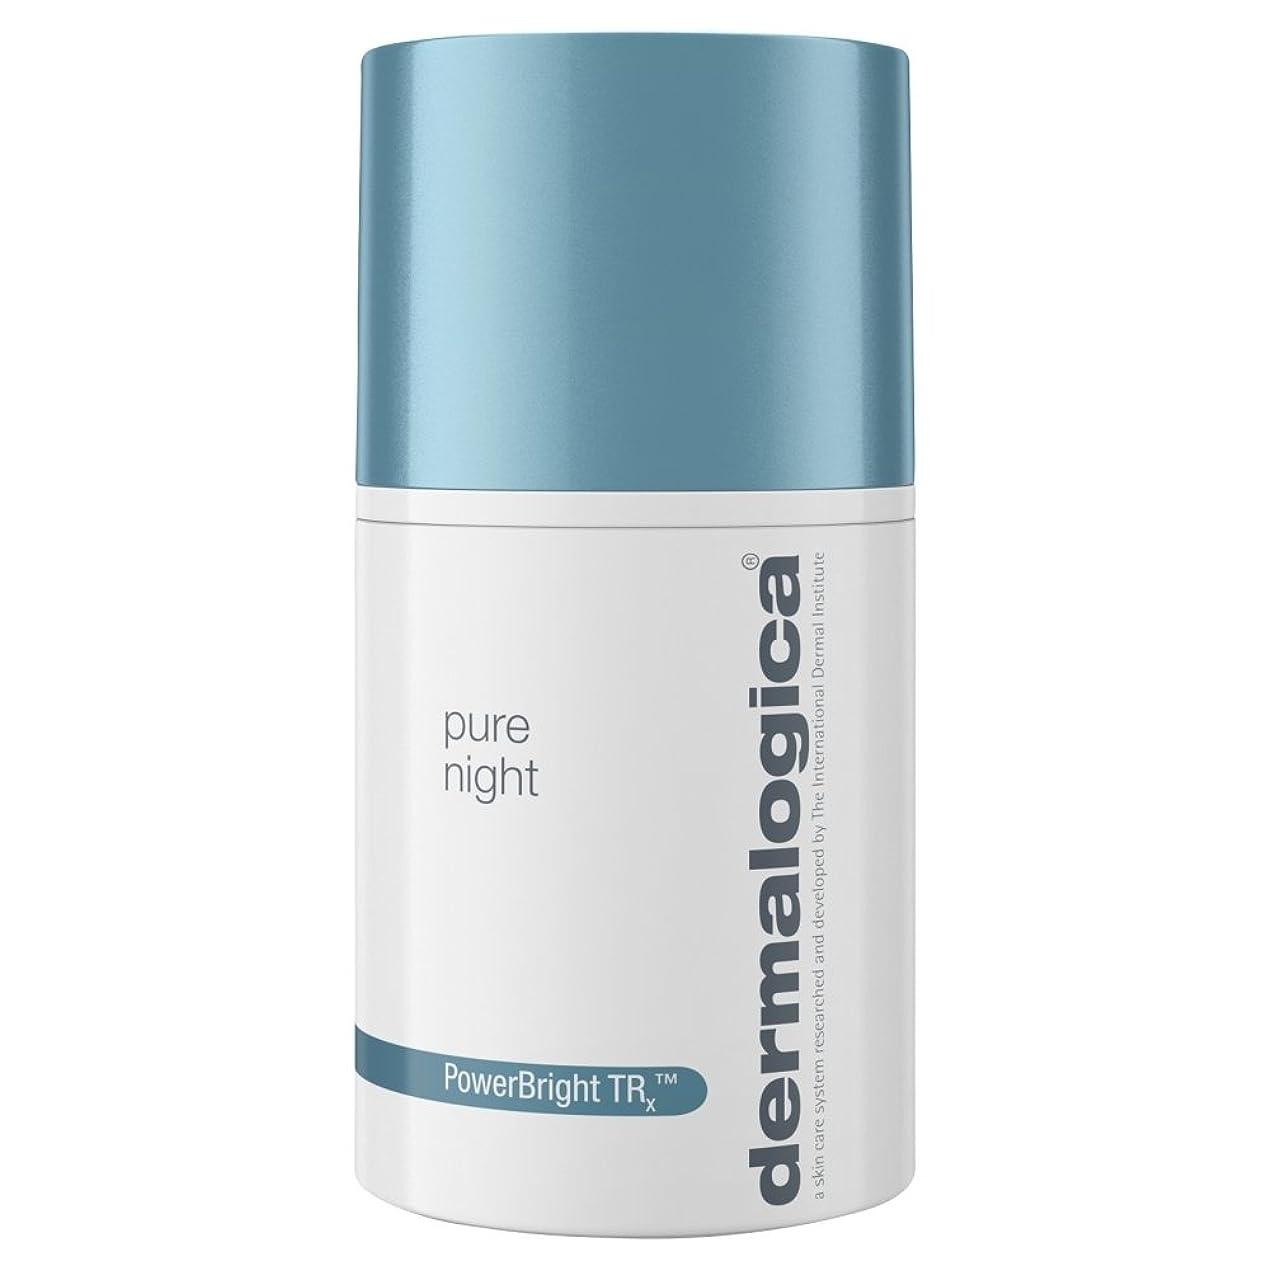 狼どうしたの添加ダーマロジカPowerbright Trx?純粋な夜の保湿剤、50??ミリリットル (Dermalogica) (x2) - Dermalogica PowerBright TRx? Pure Night Moisturiser, 50ml (Pack of 2) [並行輸入品]